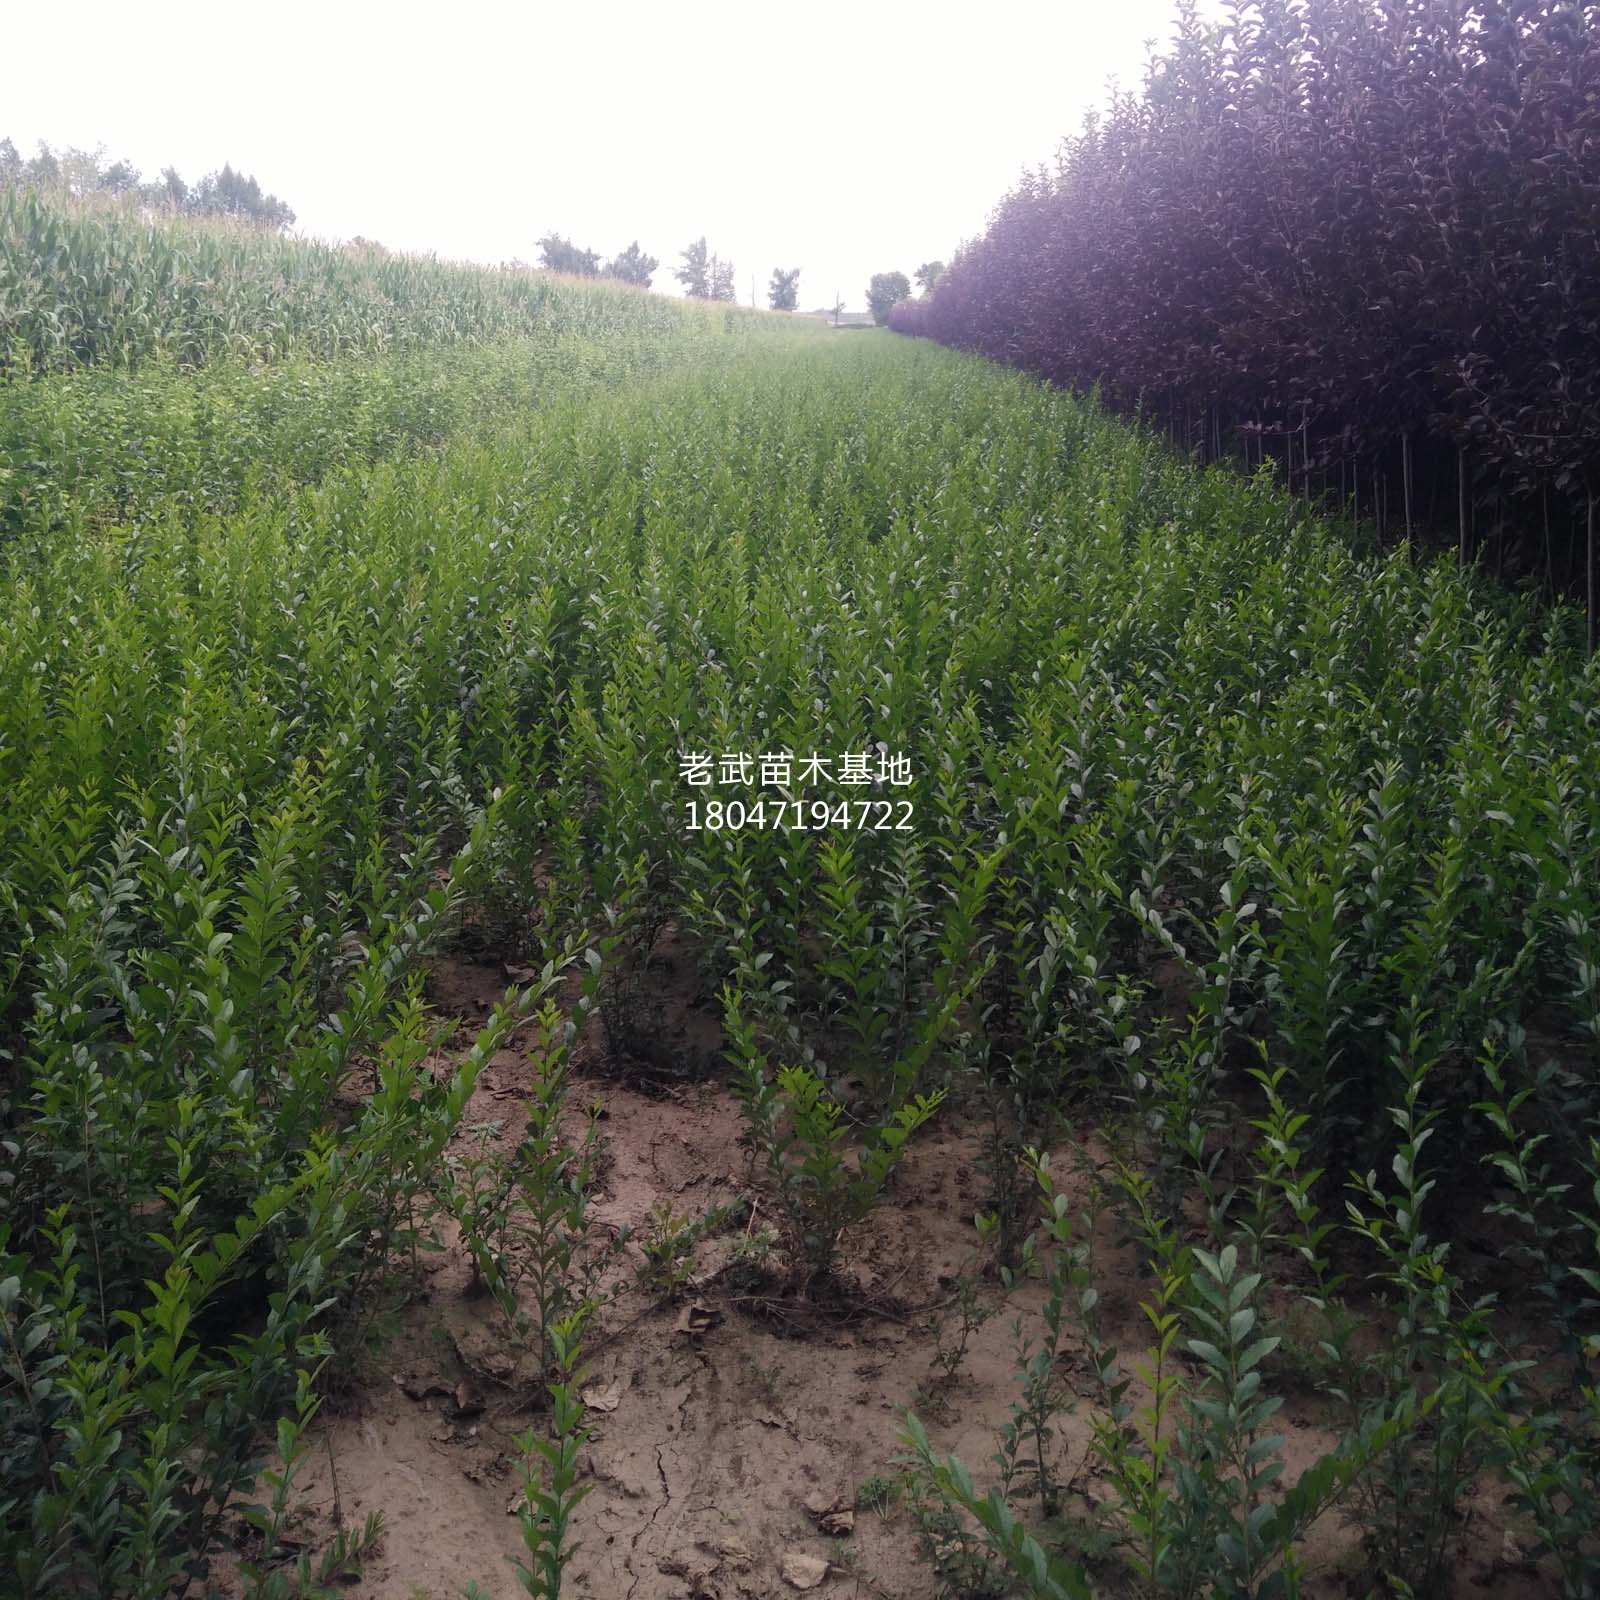 金叶女贞高1~2米,冠幅1.5~2米,价格面议